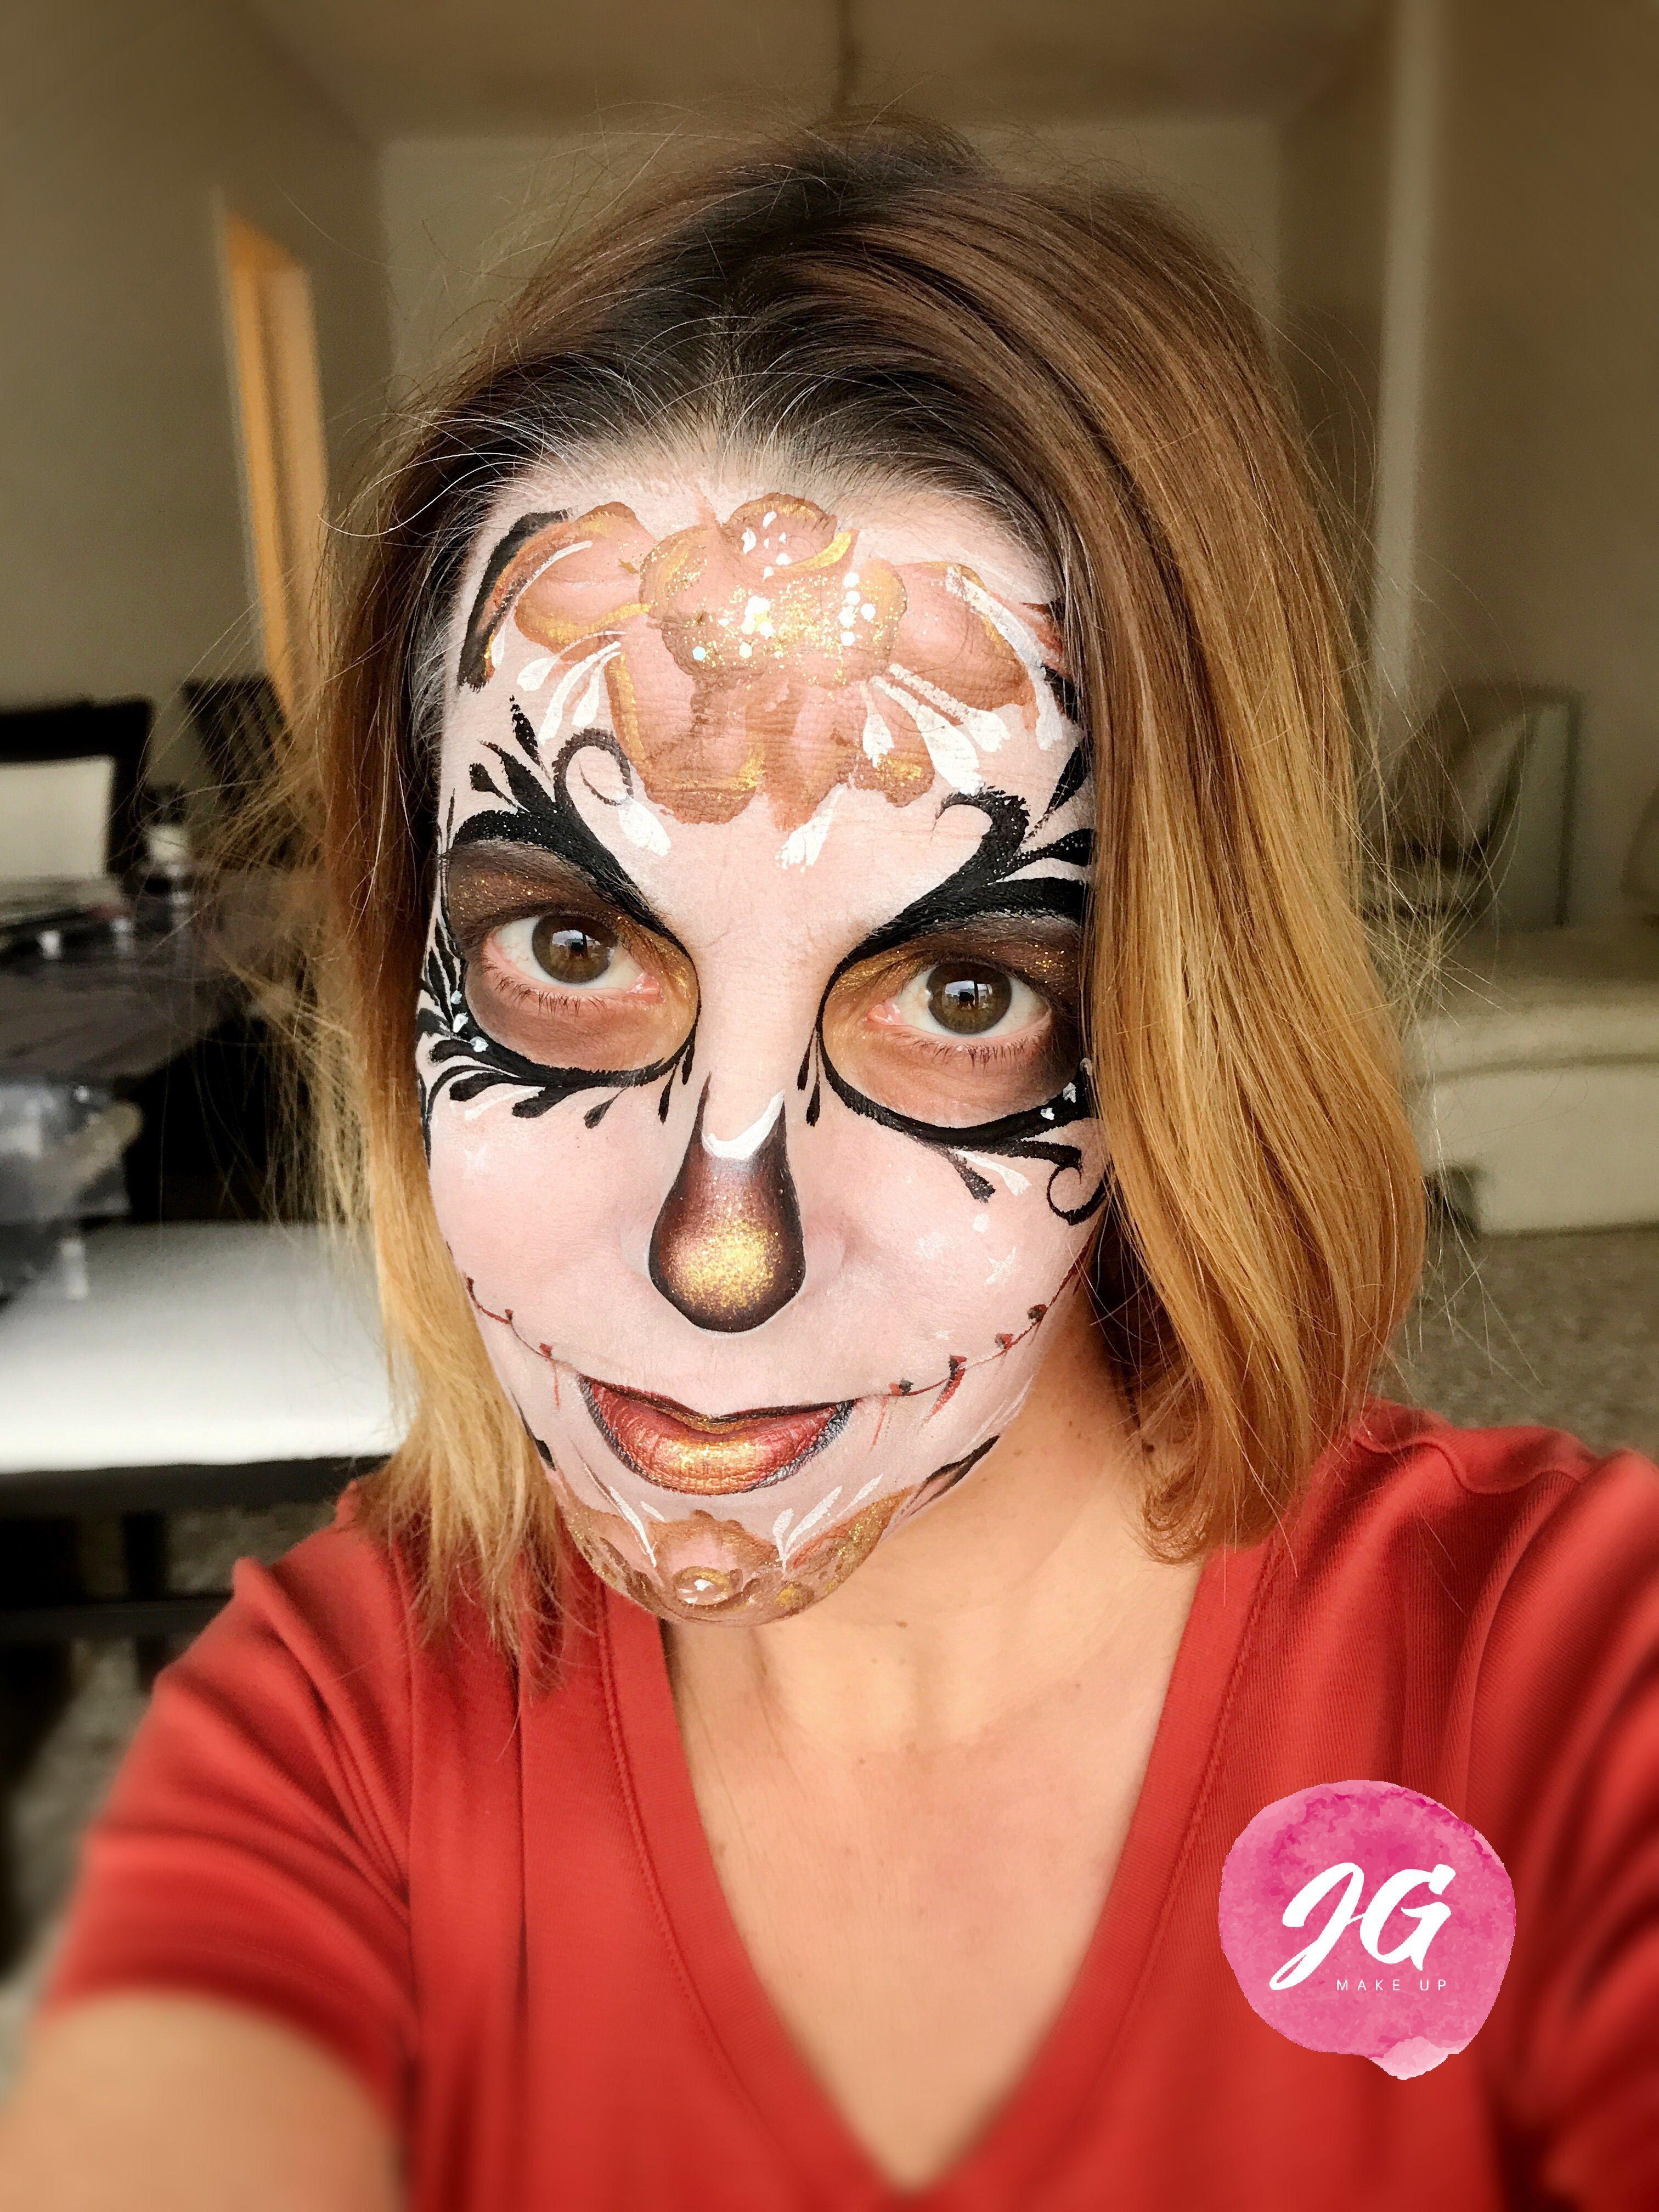 Sugar Skull facepainting. Maquillaje calavera de Azúcar